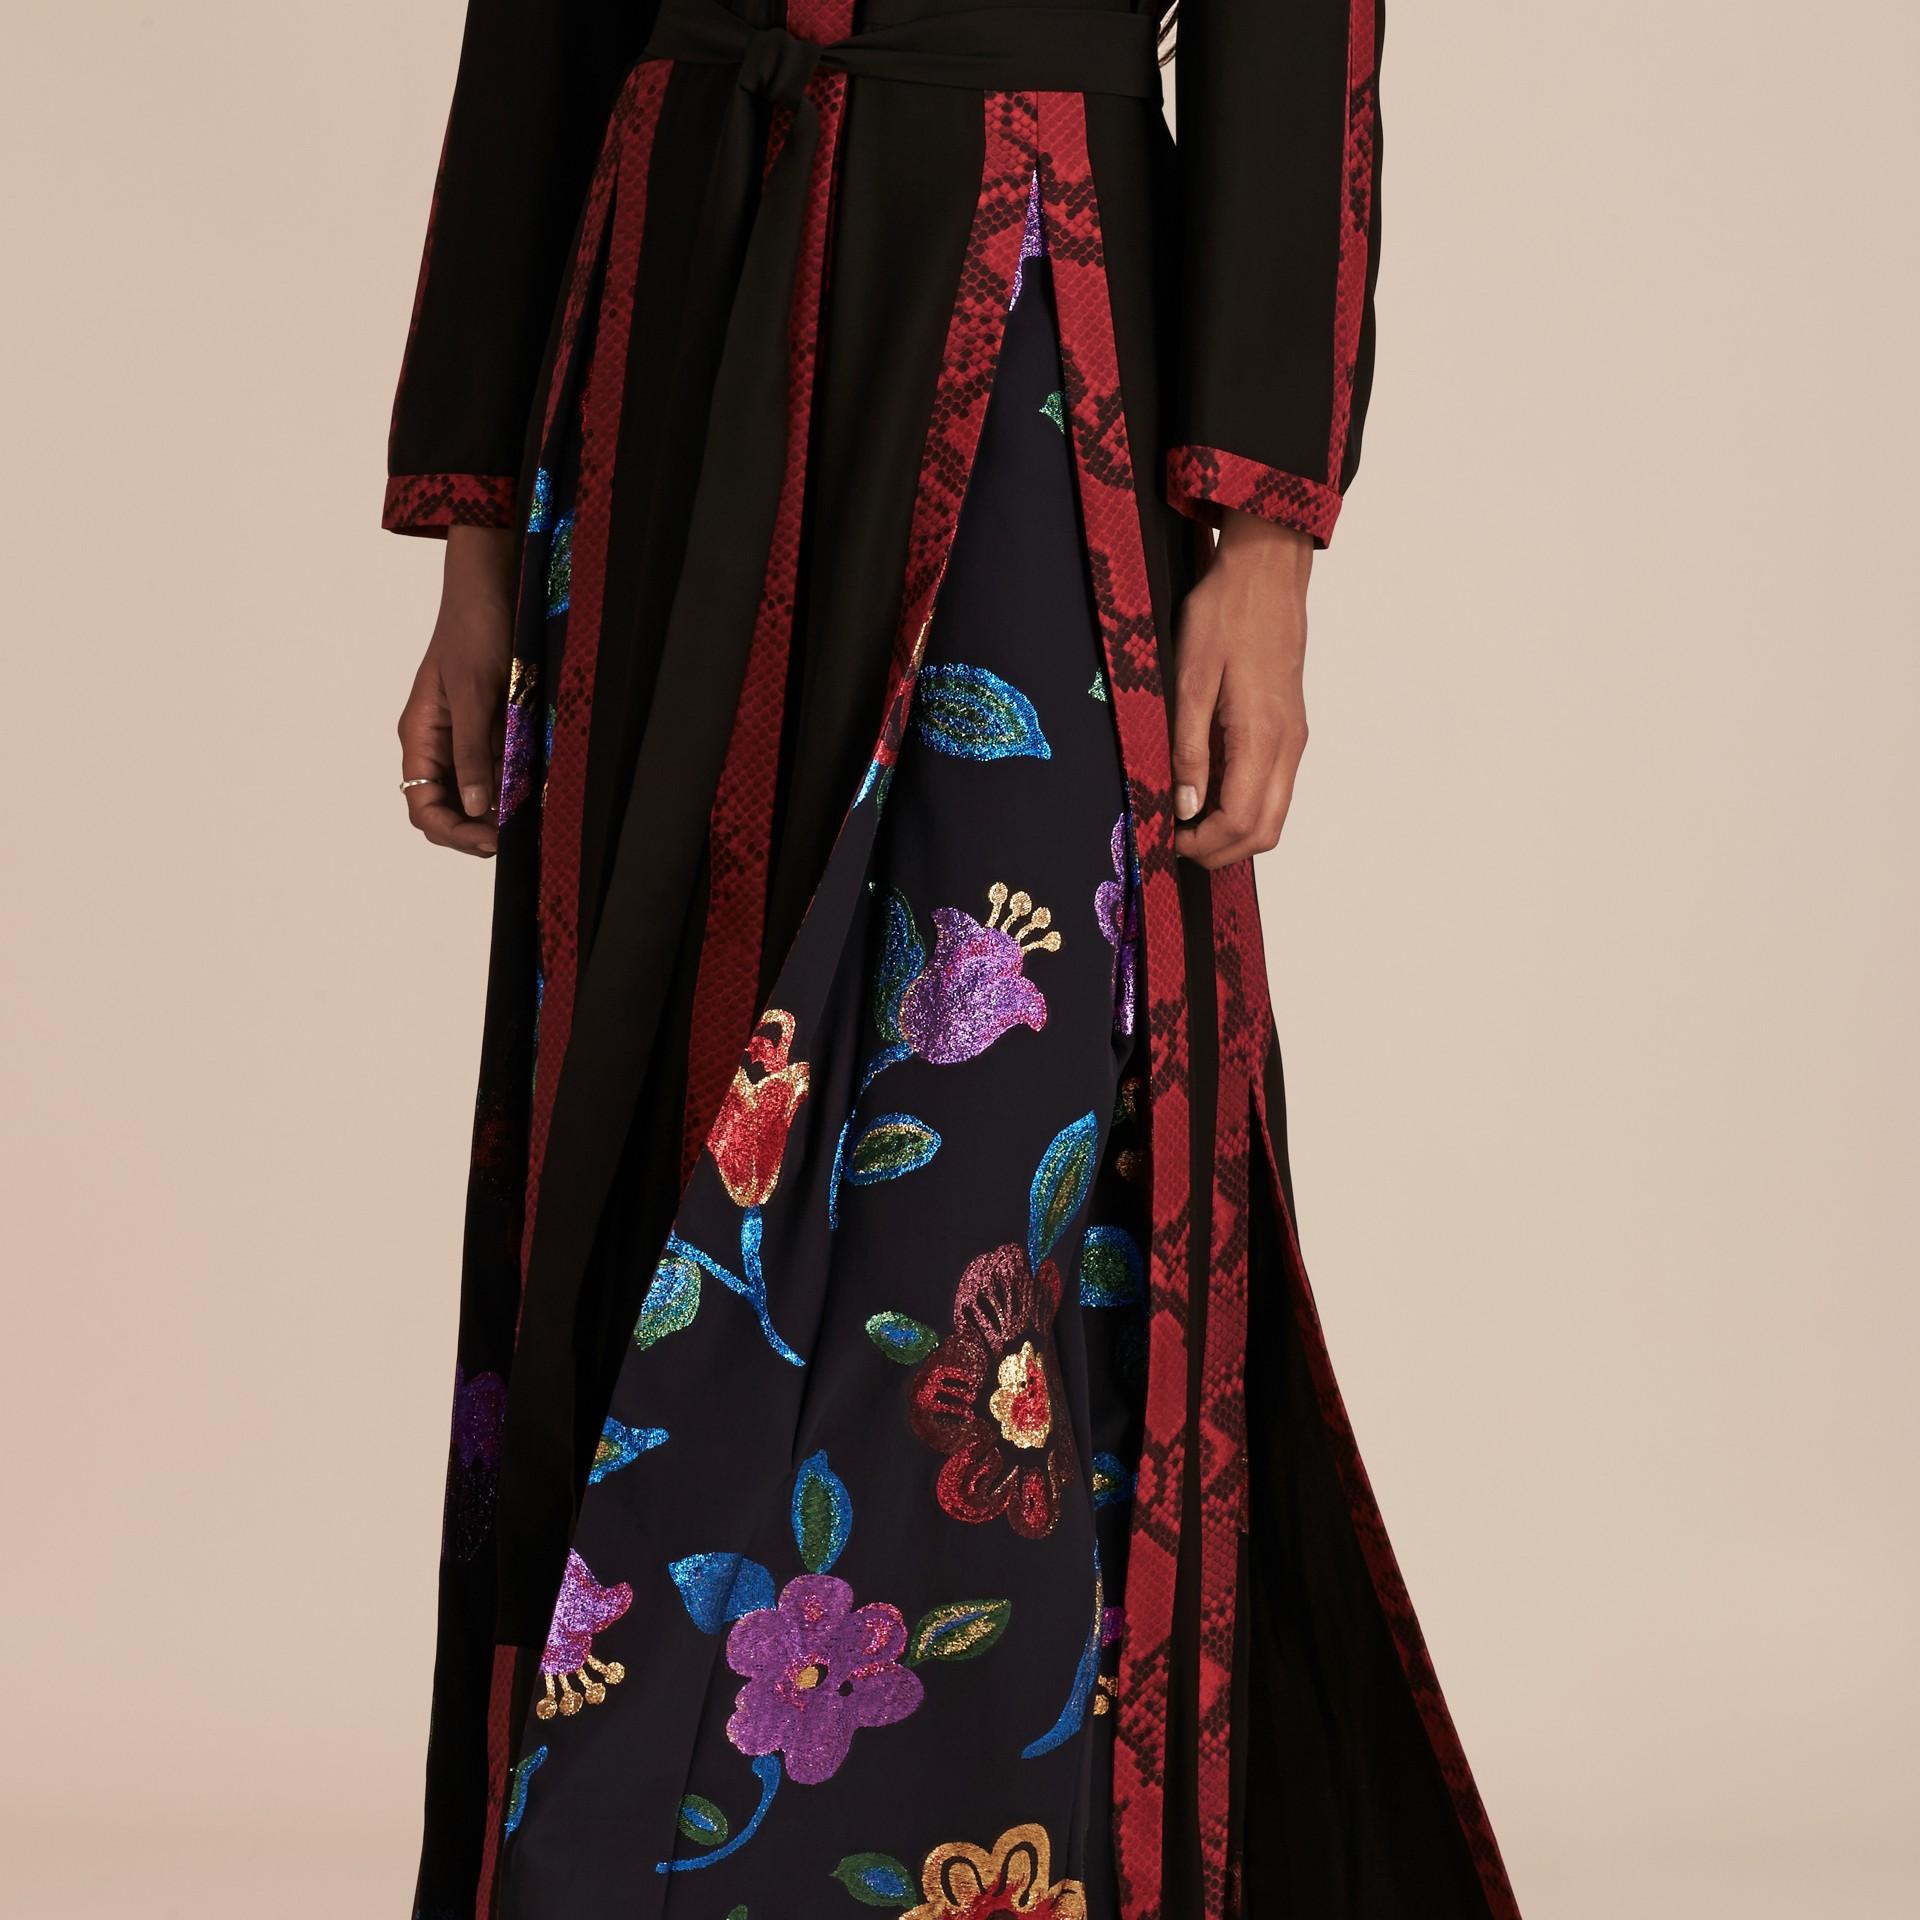 Preto Vestido envelope longo de seda com detalhes em fil coupé floral - galeria de imagens 5